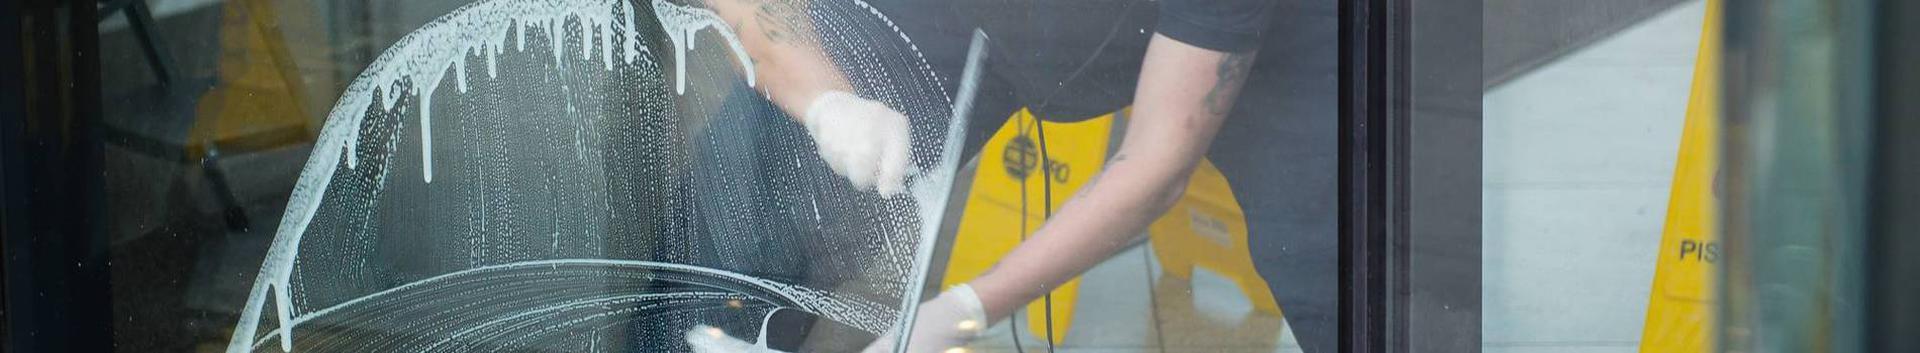 puhastusteenused, koristusteenused, kortermajade haldamine, ehitiste puhastamine (sisepinnad), ehitiste puhastamine, ehitiste puhastamine (välispinnad), keemiline puhastus, kuivpuhastus, akende pesemine, tänavapuhastus